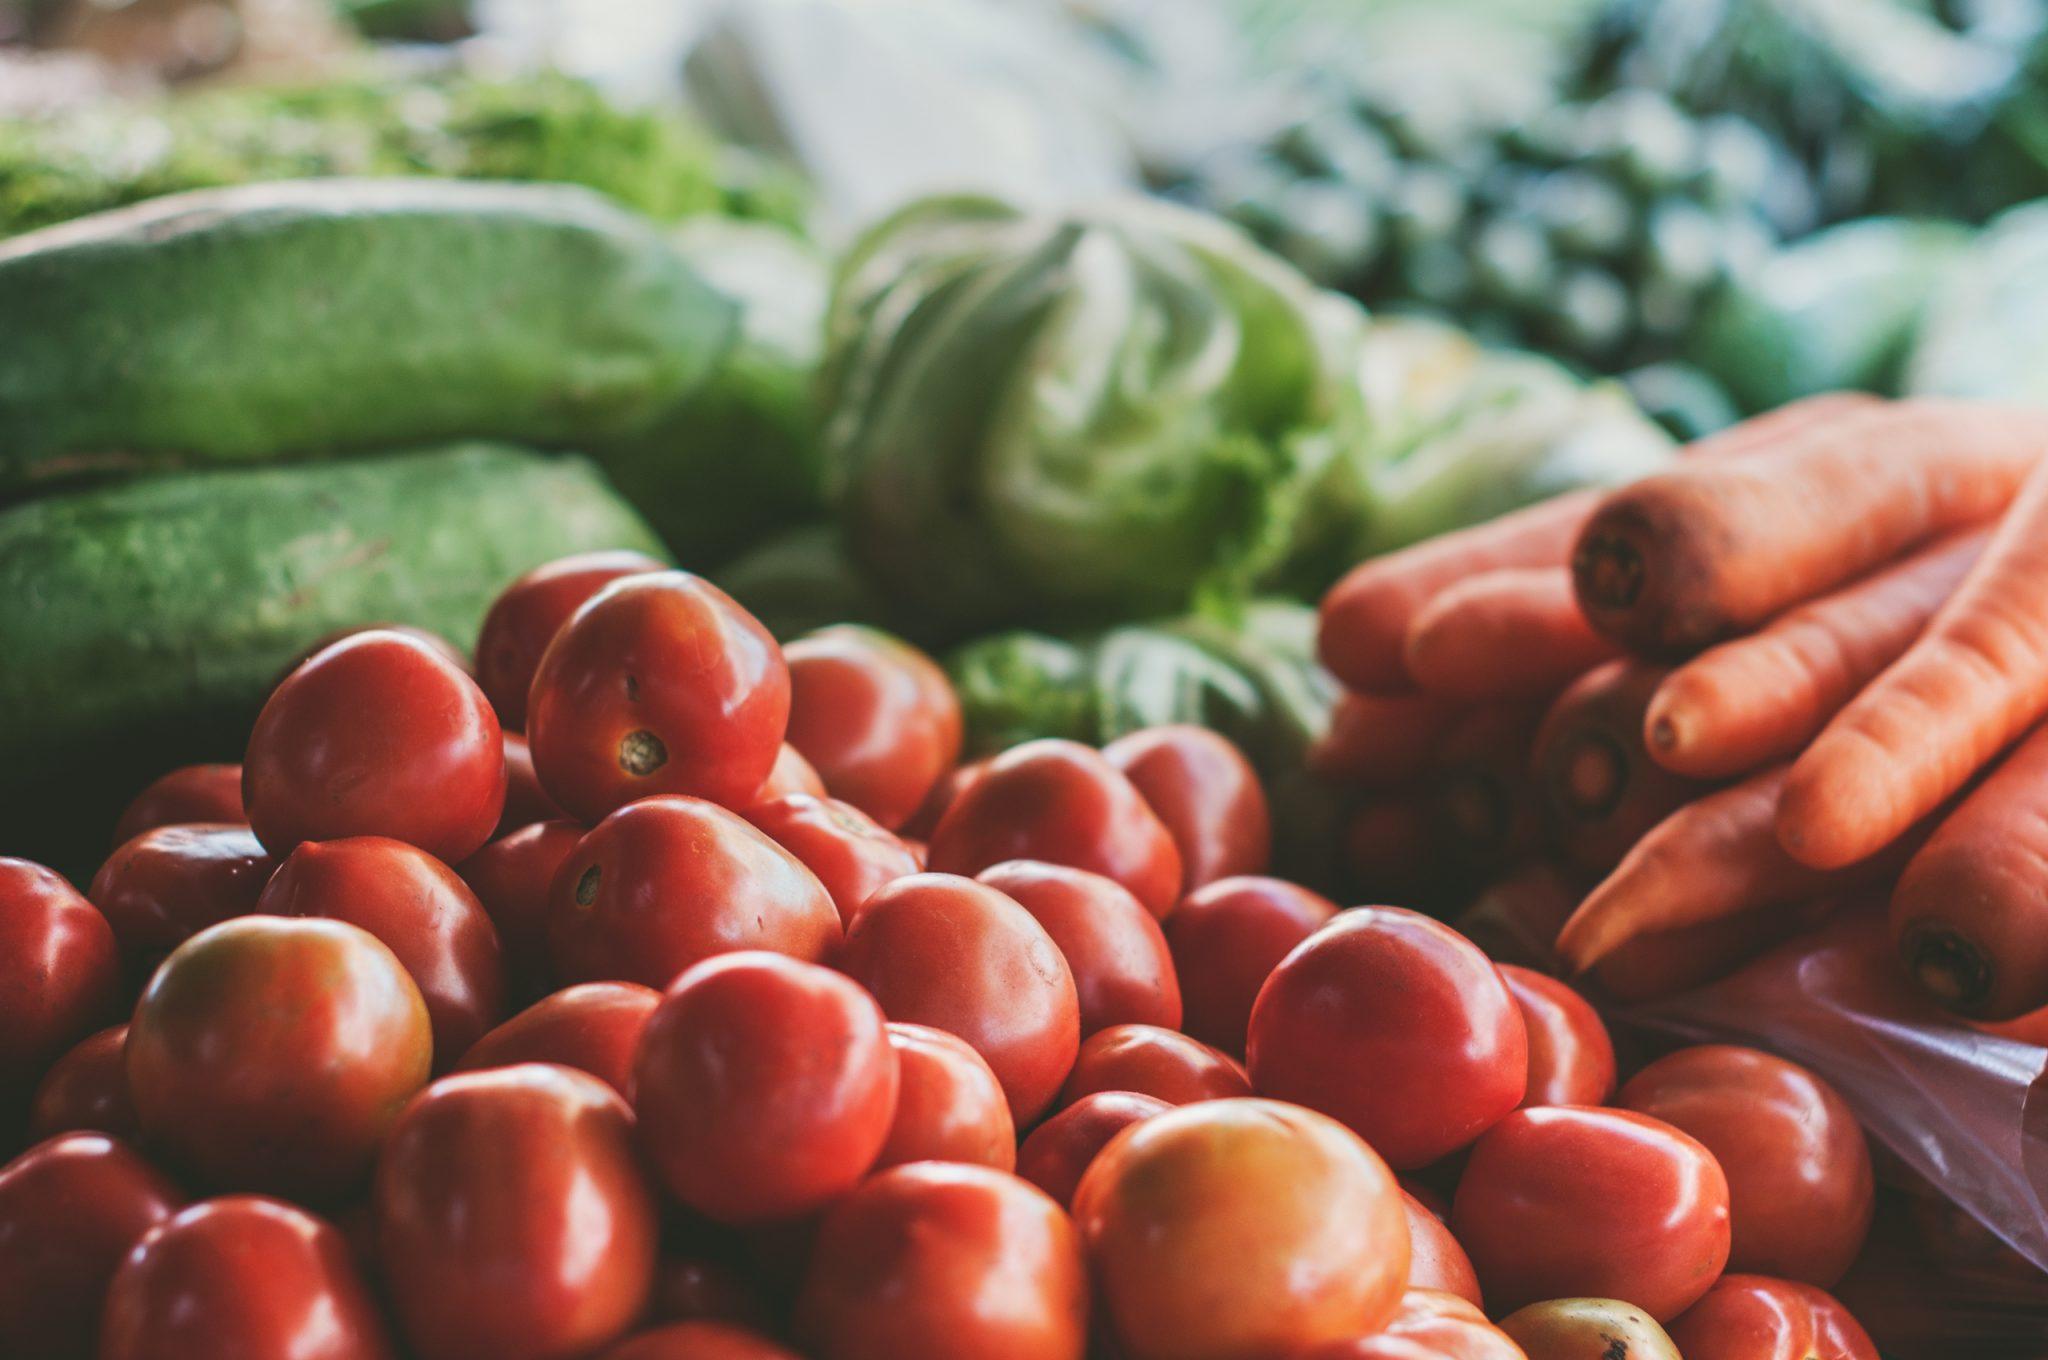 FRUIT & VEGETABLE COUNCIL